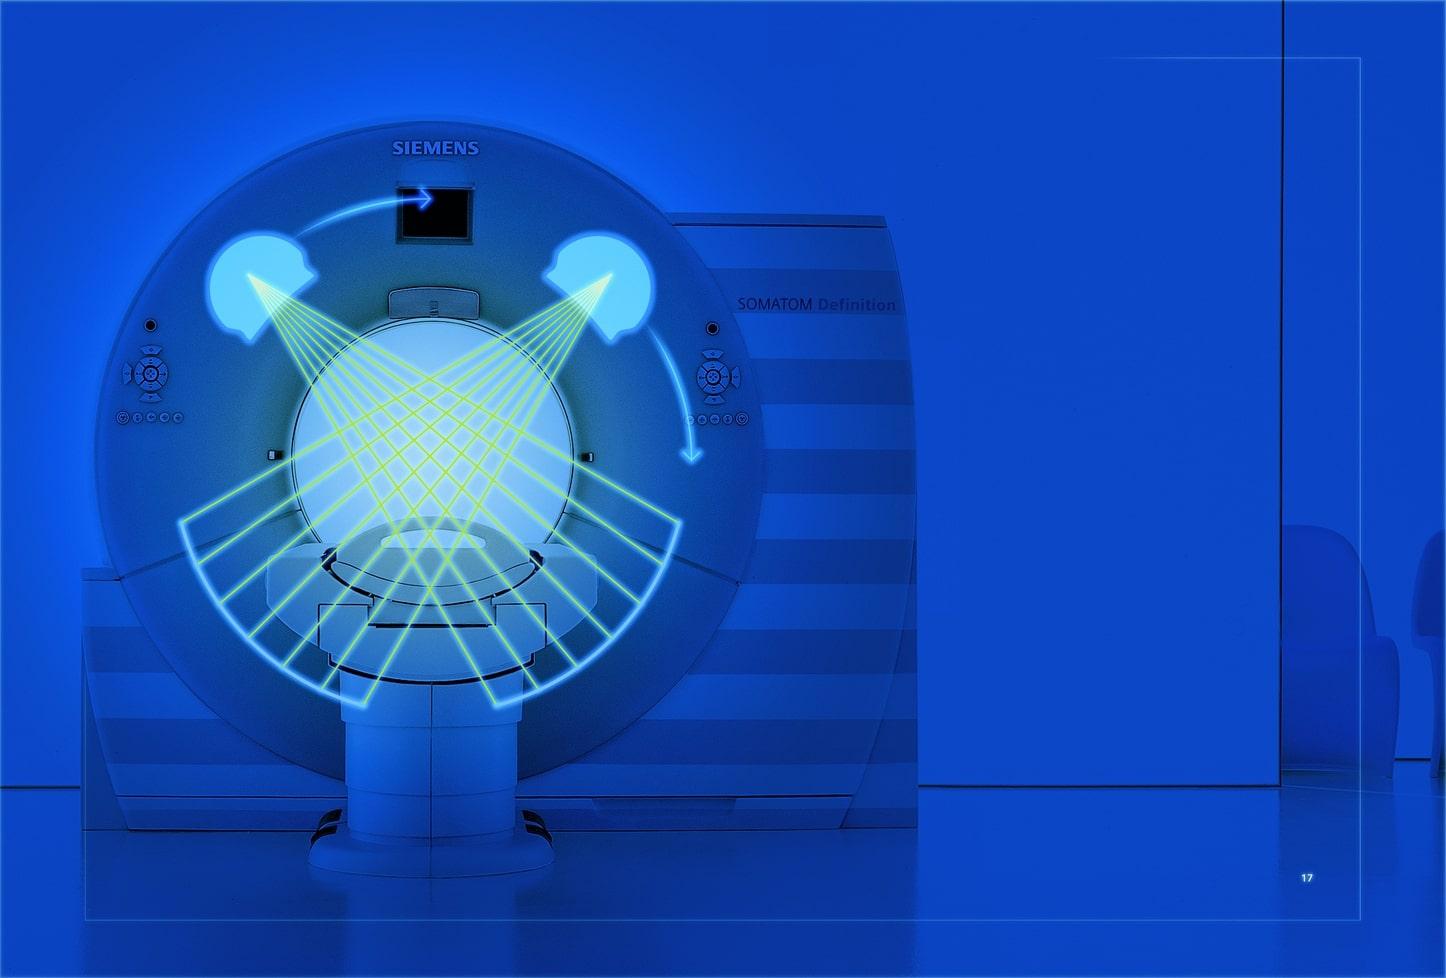 Компьютерная томография: обзор метода и диагностических устройств, показания, техника исследования